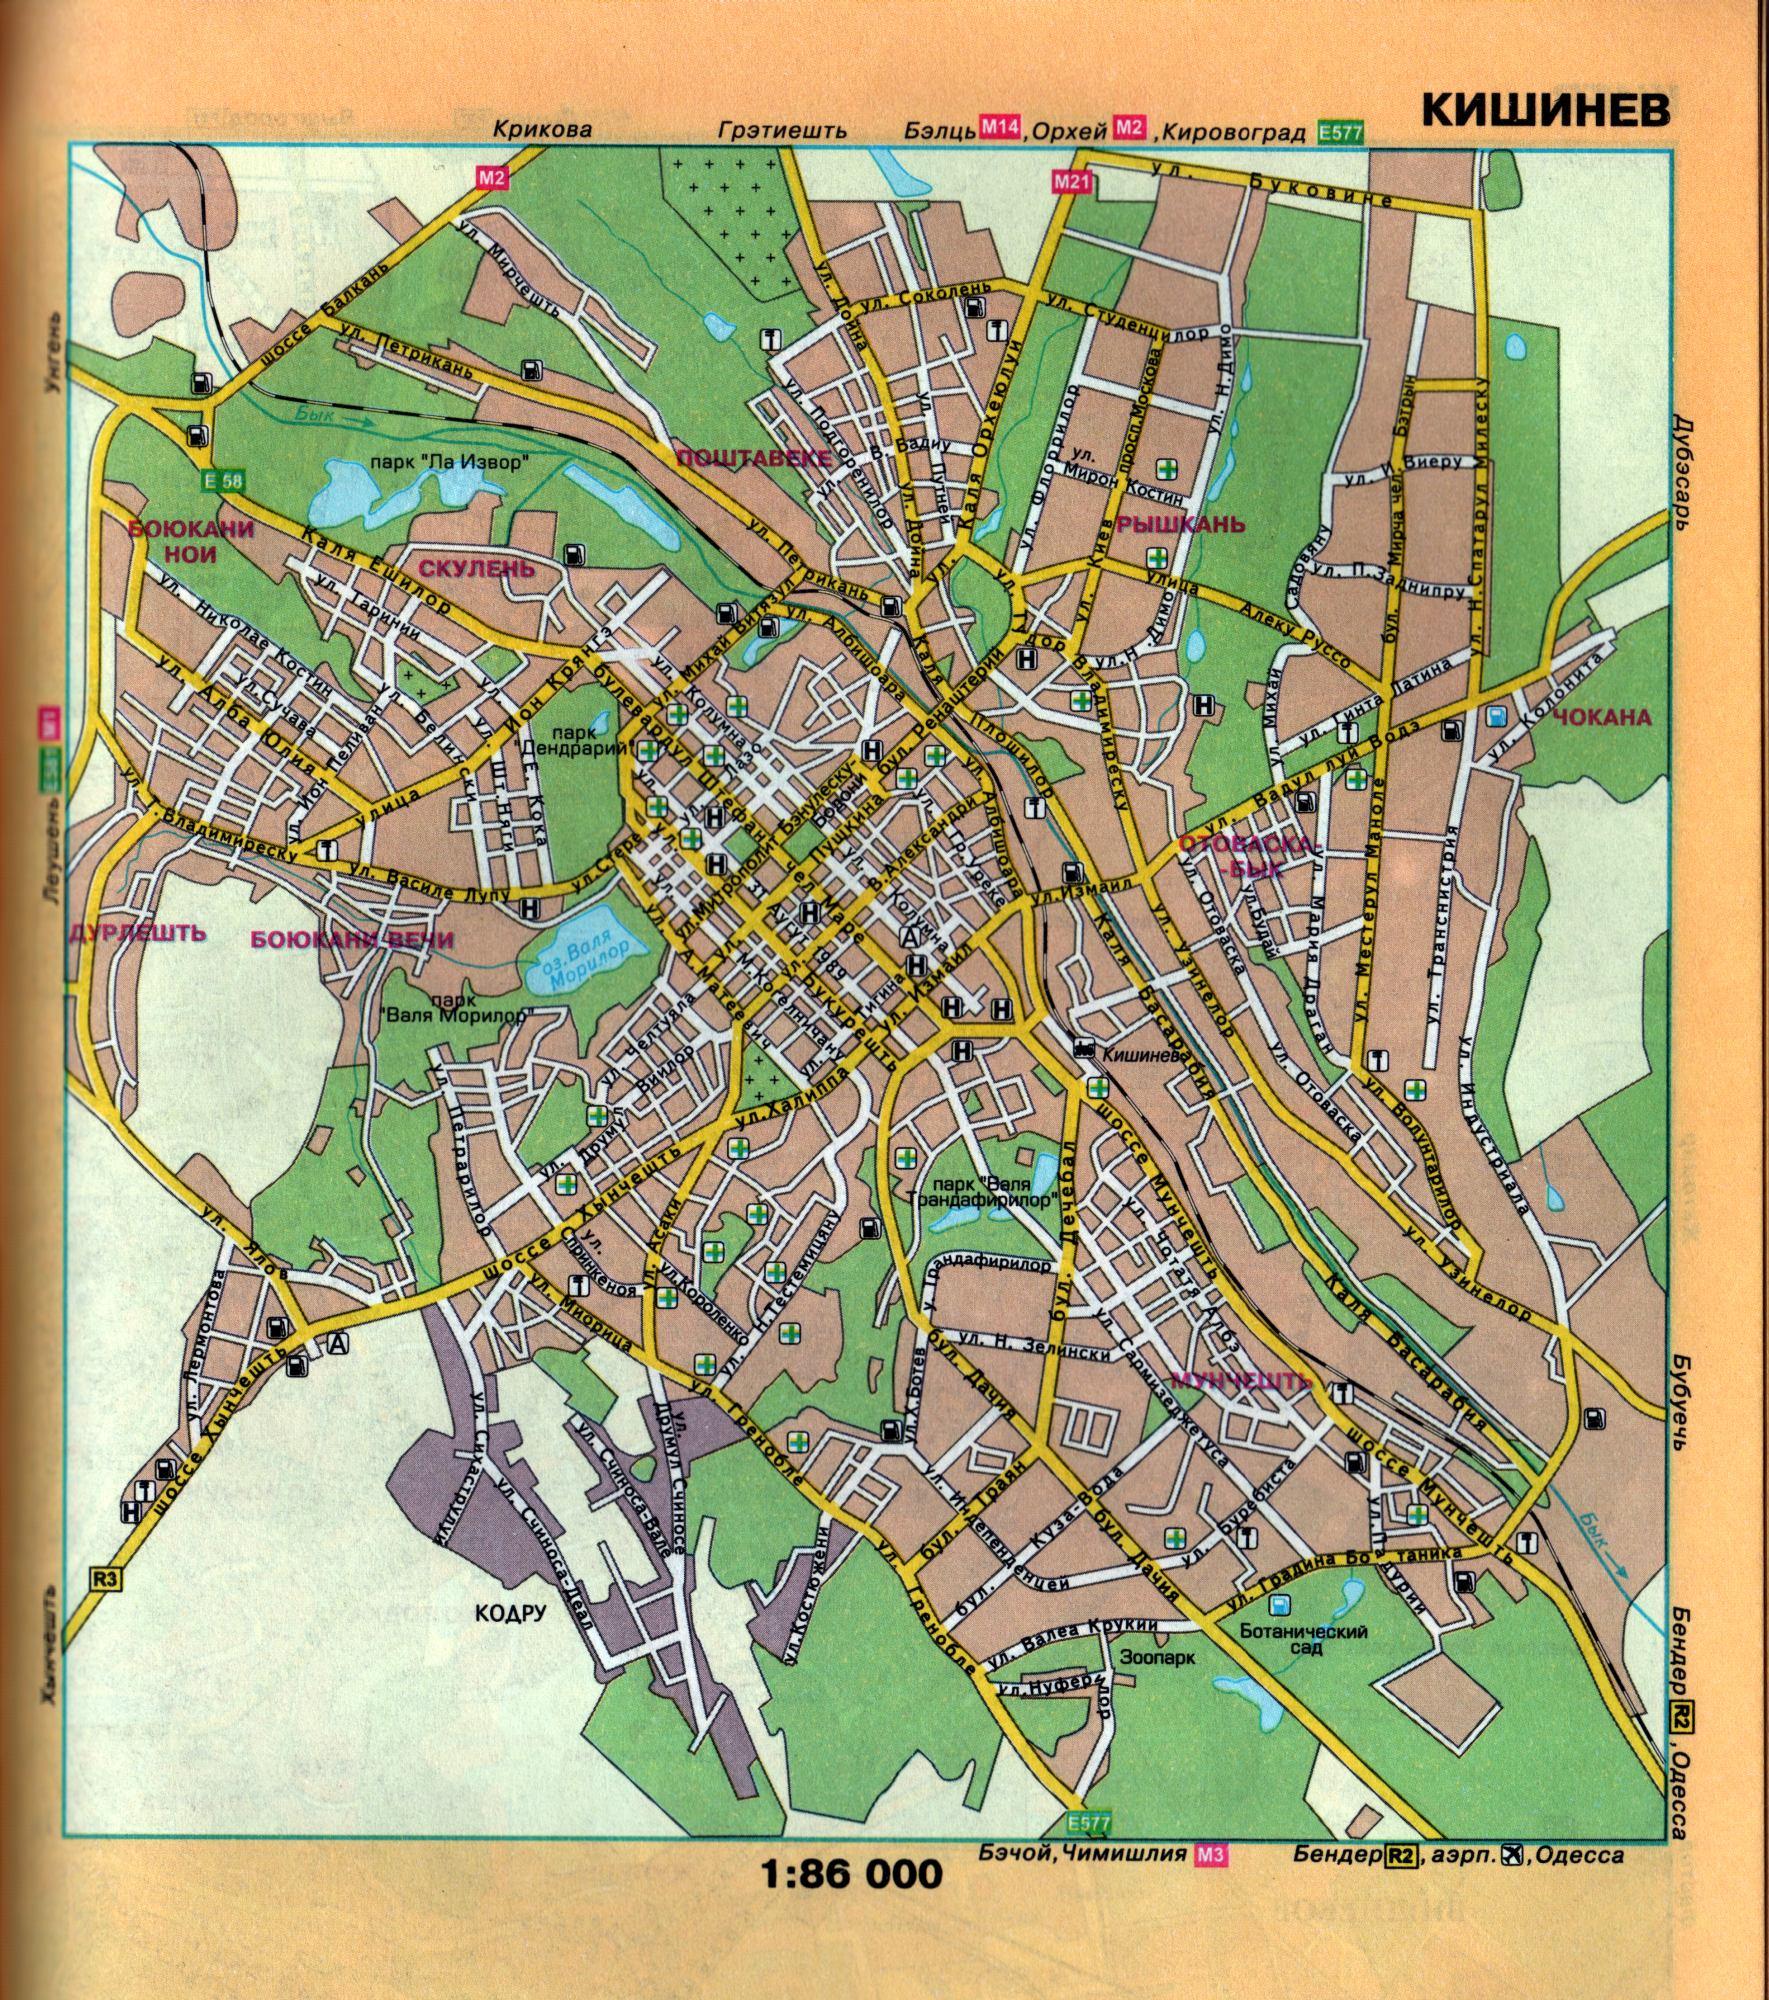 Карта Кишинева с названиями улиц и схемой проезда.  Скачать карту Кишенева Молдавия.